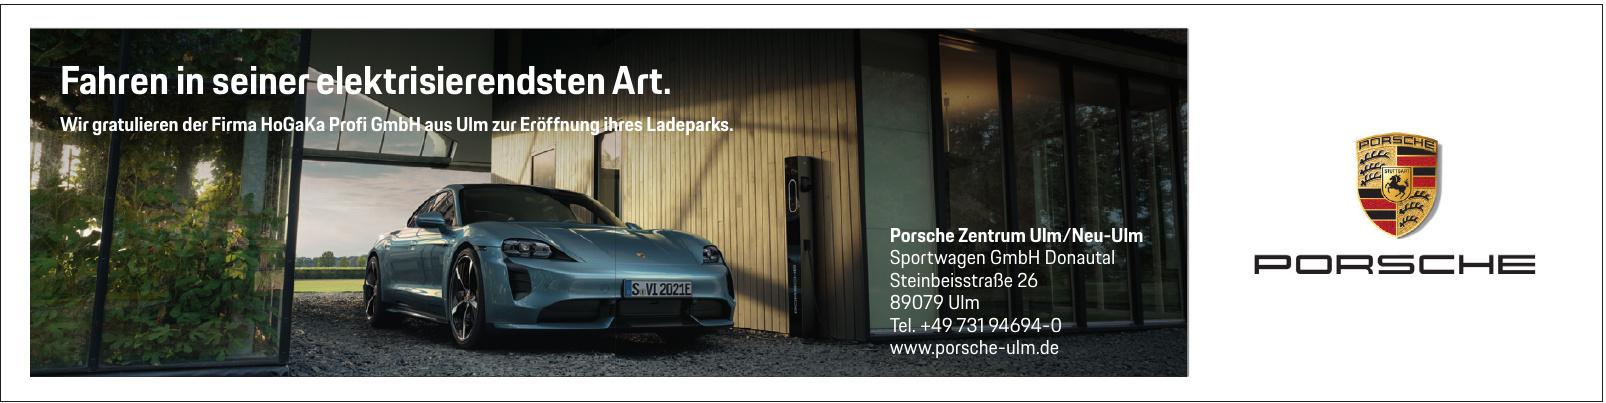 Porsche Zentrum Ulm/Neu-Ulm Sportwagen GmbH Donautal